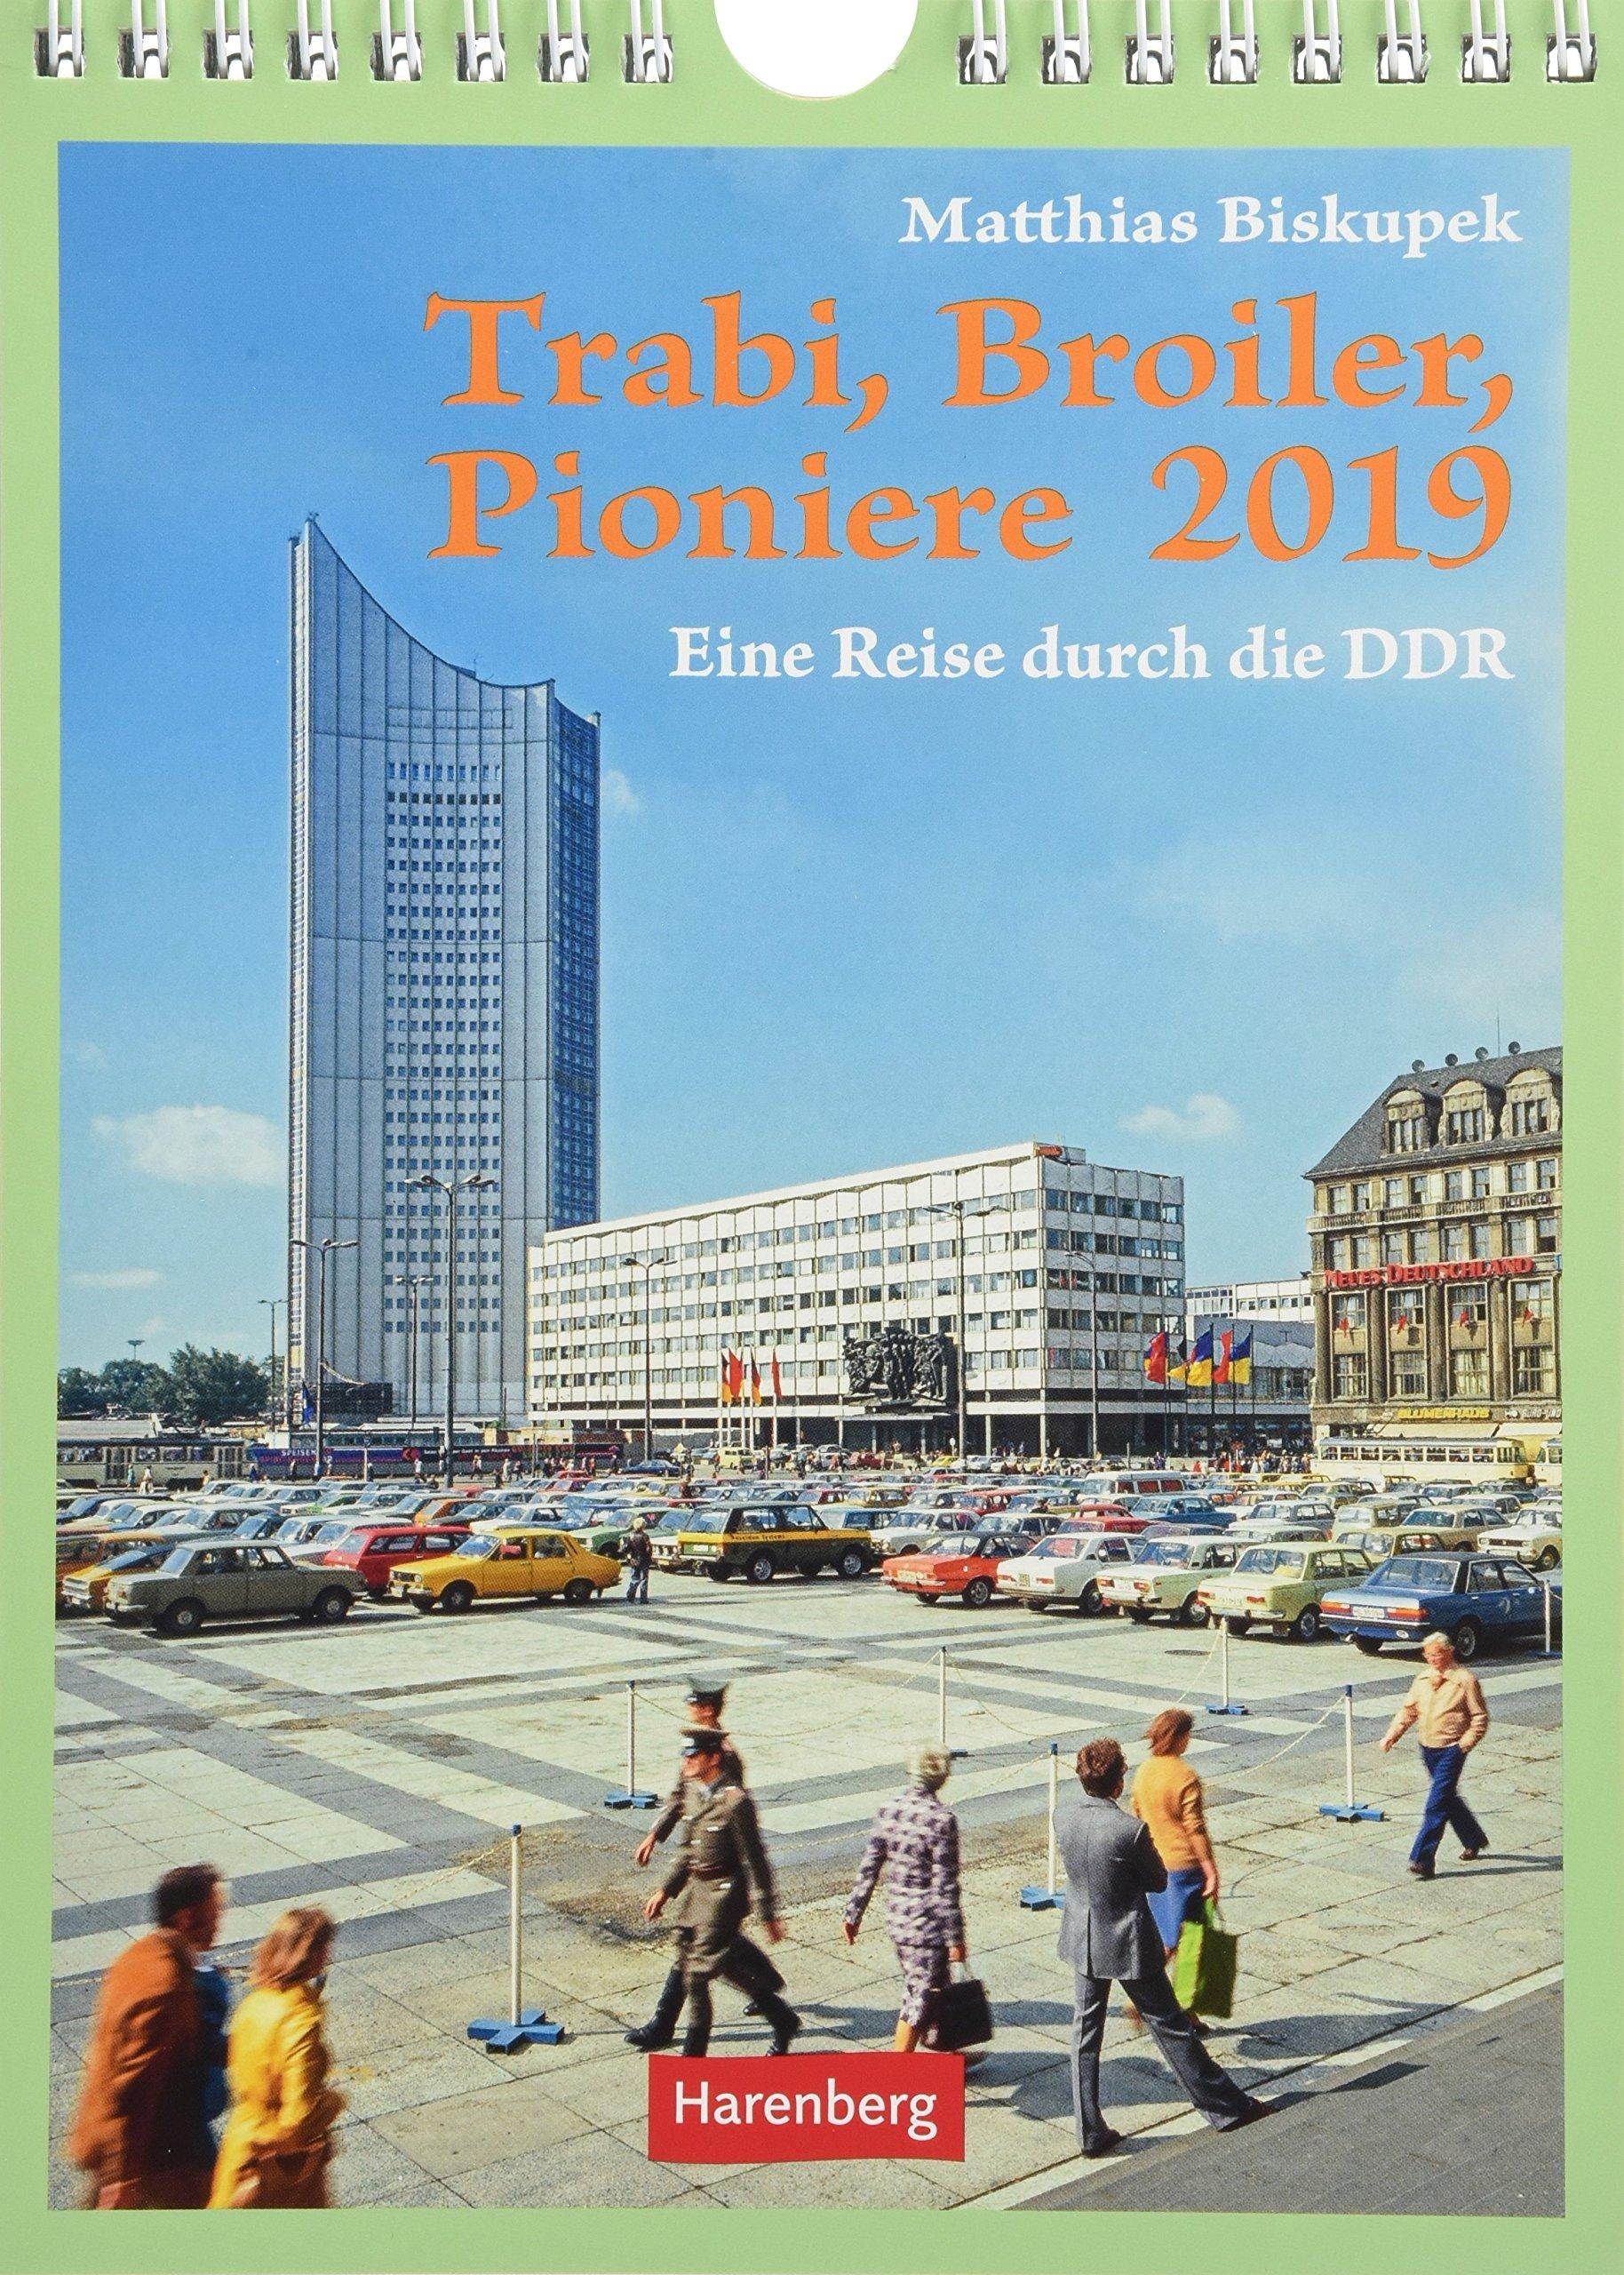 Trabi Broiler Pioniere   Kalender 2019  Eine Reise Durch Die DDR